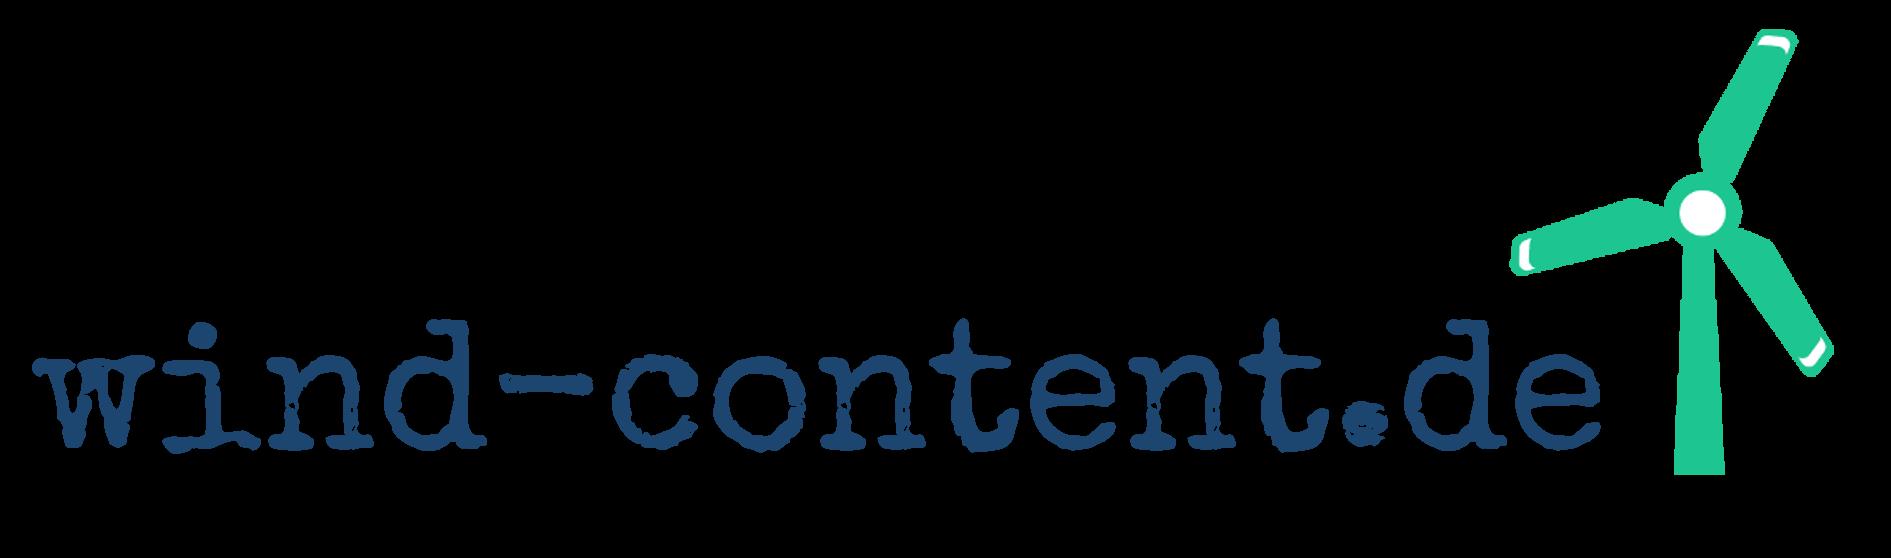 www.wind-content.de - Guten Inhalten auf der Spur